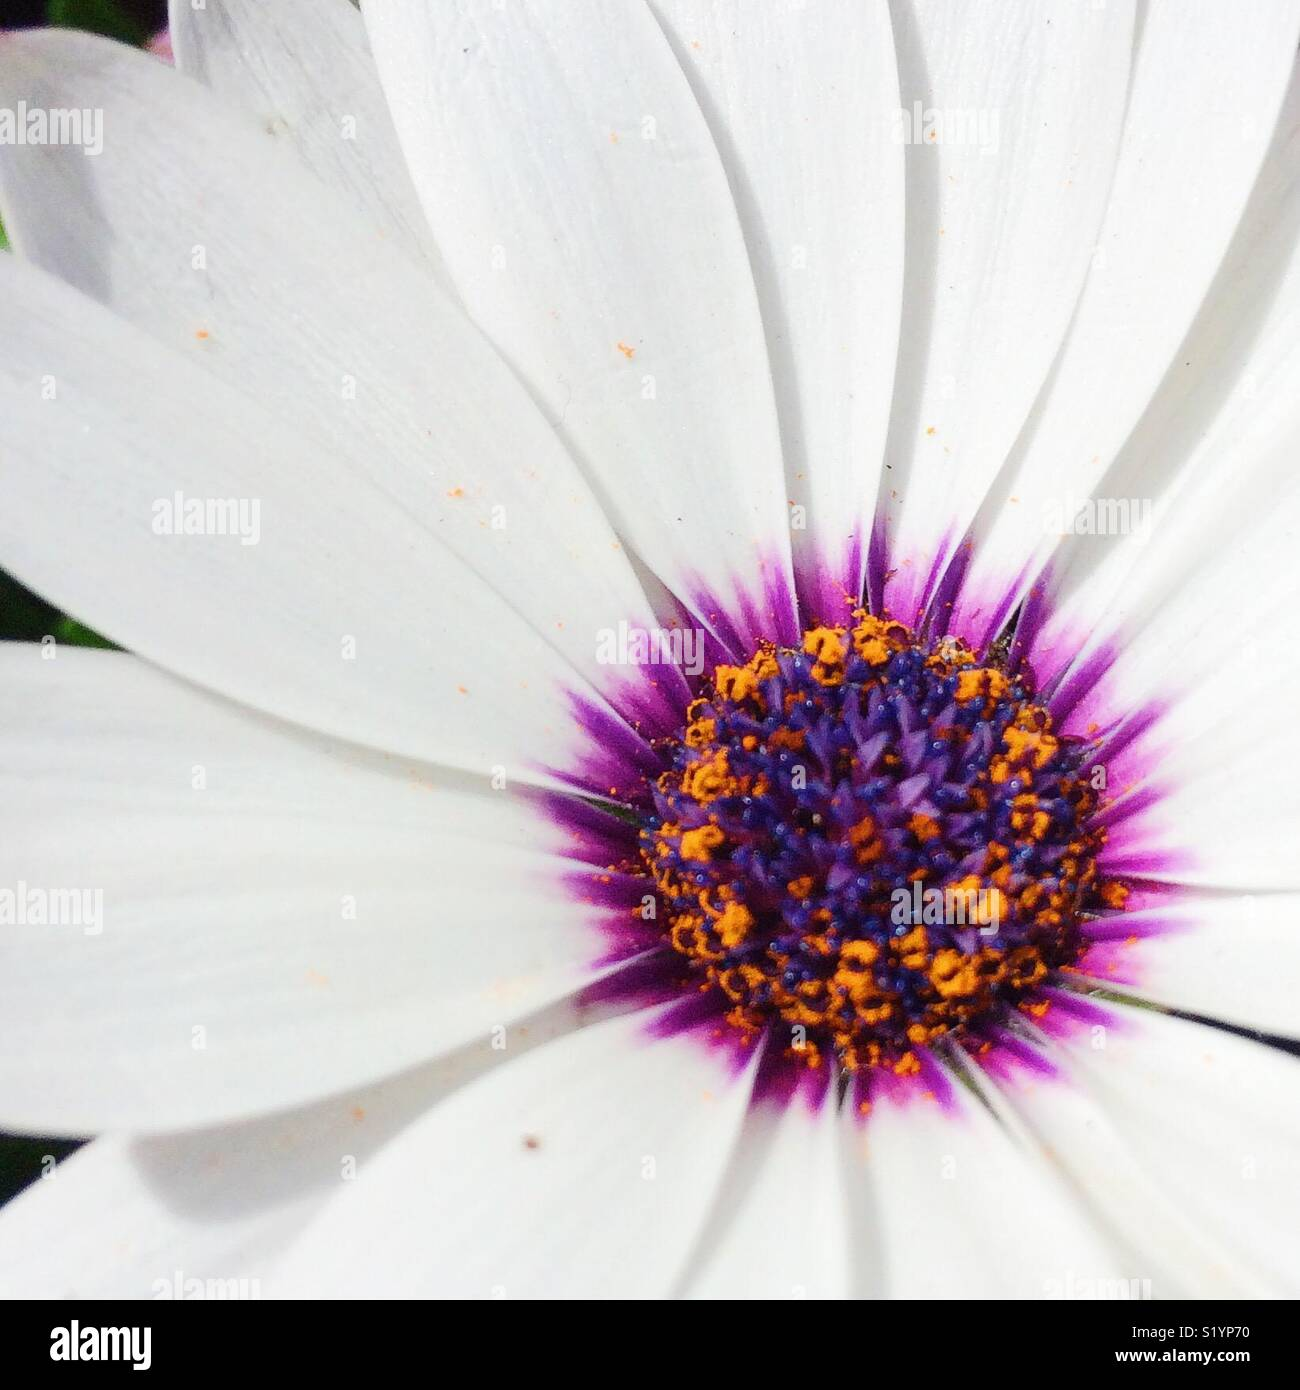 Cierre de flor blanca Imagen De Stock